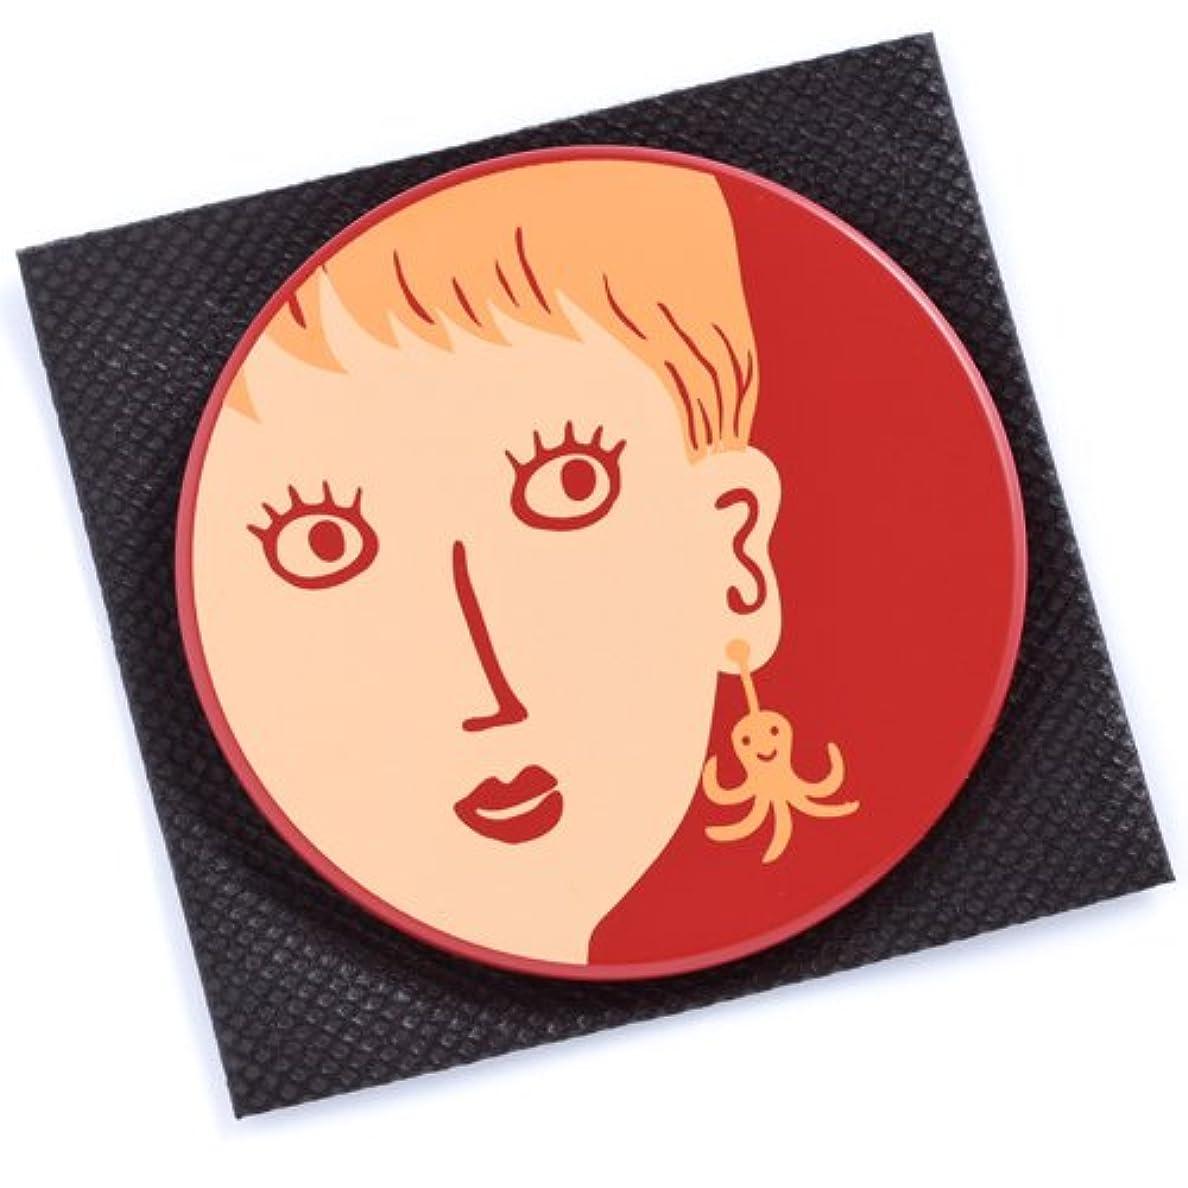 解明する近代化する人形[マタノアツコ] 【 アツコマタノ 】 丸鏡 耳にタコ レッド